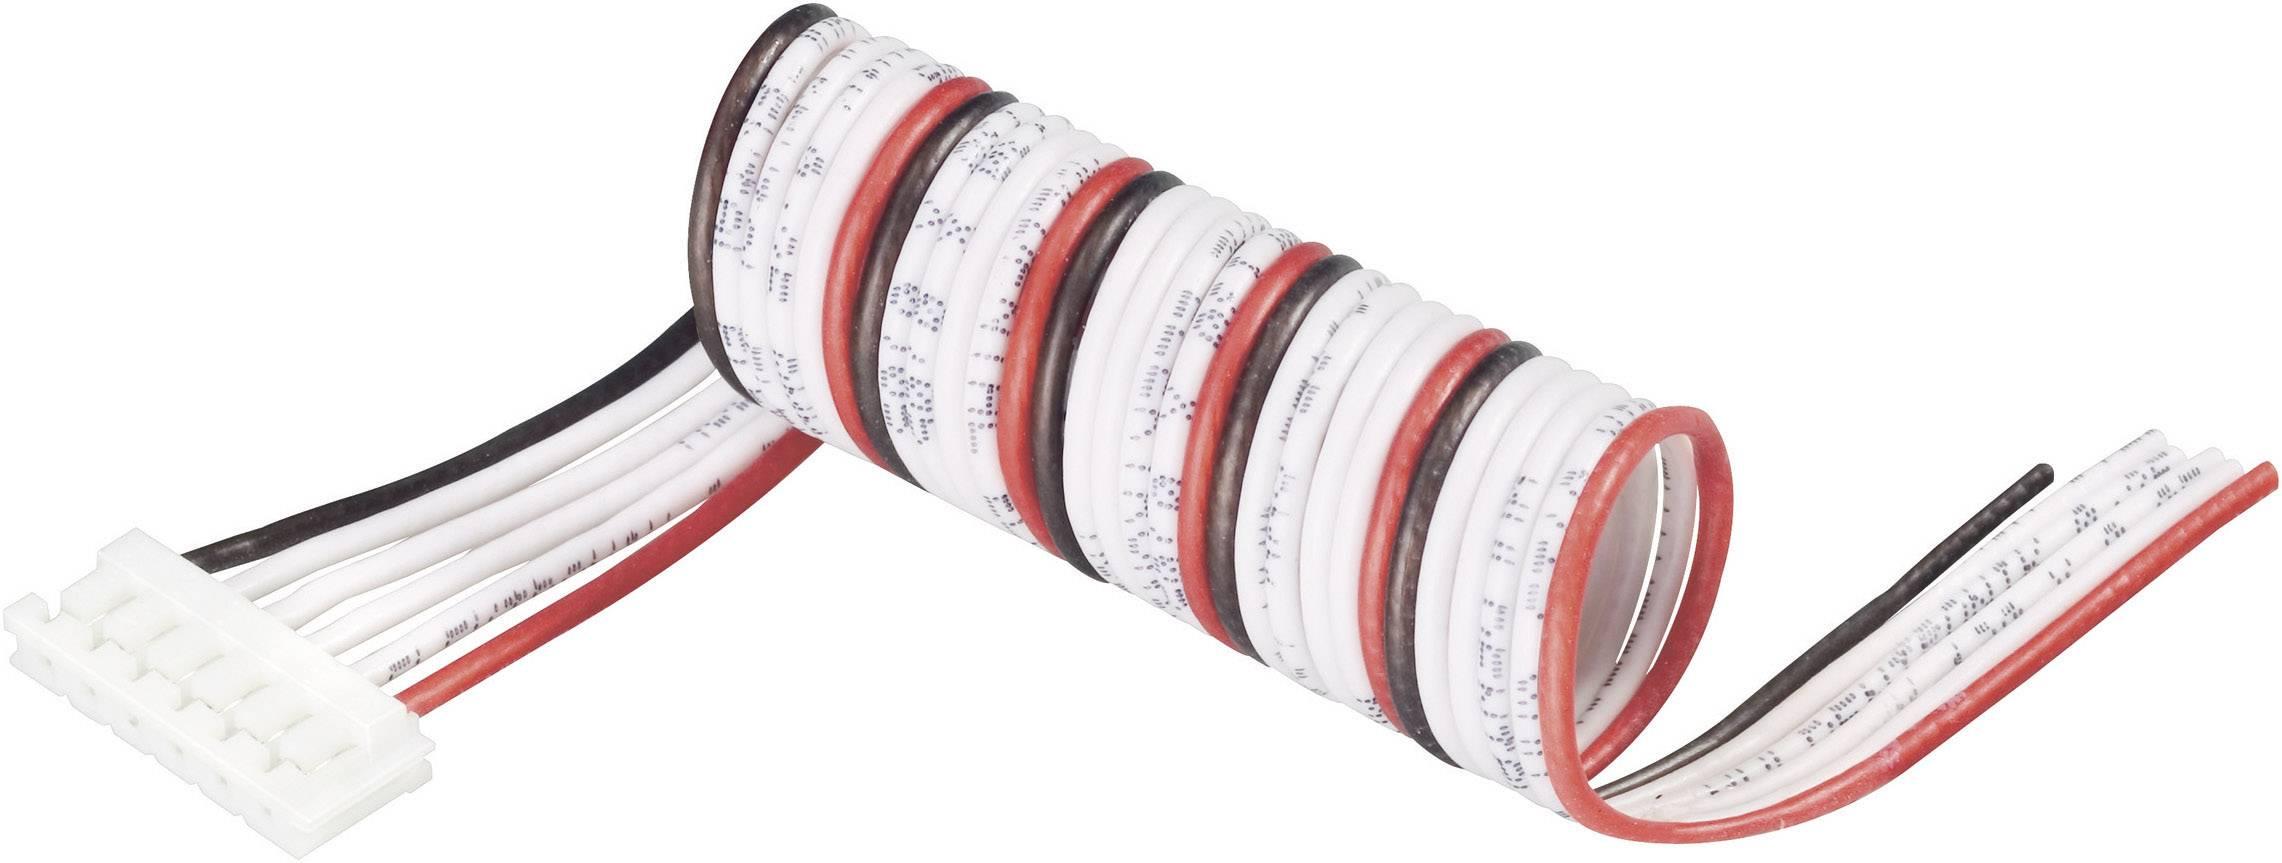 Připojovací kabel Modelcraft, pro 6 LiPol článků, zásuvka EH